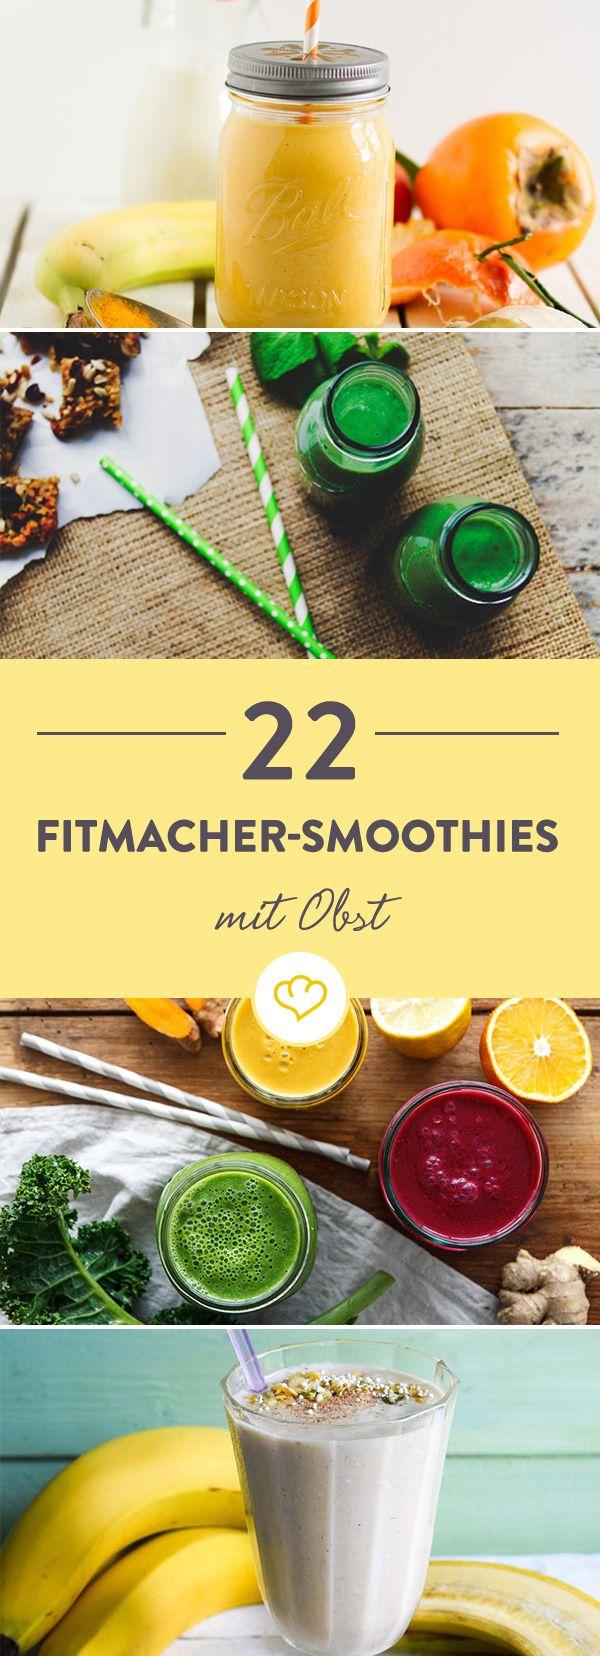 Wir brauchen mehr Farbe im Smoothie-Glas! Probier dich durch rote, gelbe, orange und pinke Superfood-Obst-Smoothies und schlürf dich glücklich.